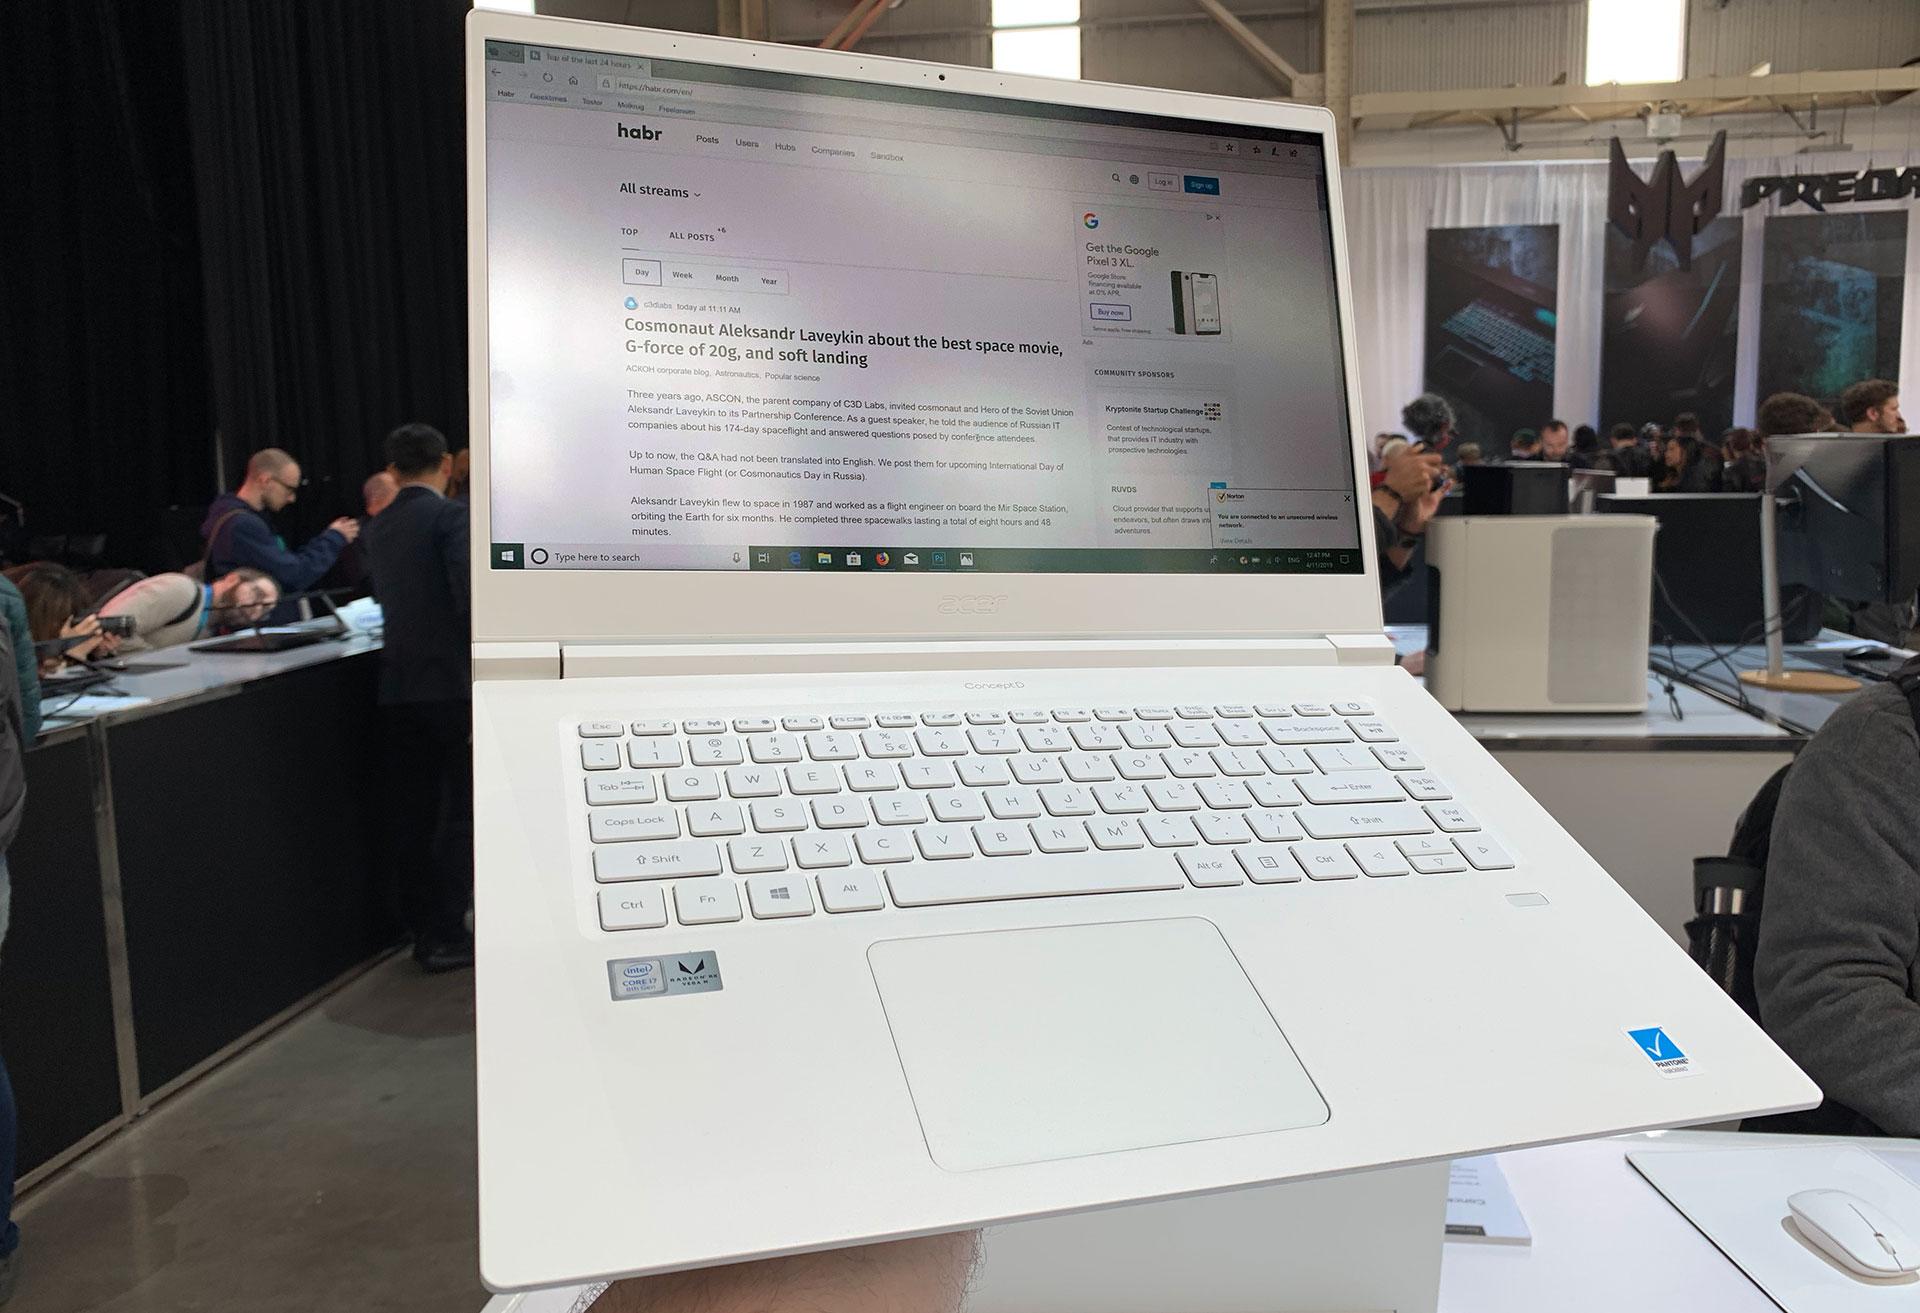 Acer в 2019: что если из игровых ноутов убрать все финтифлюшки - 1